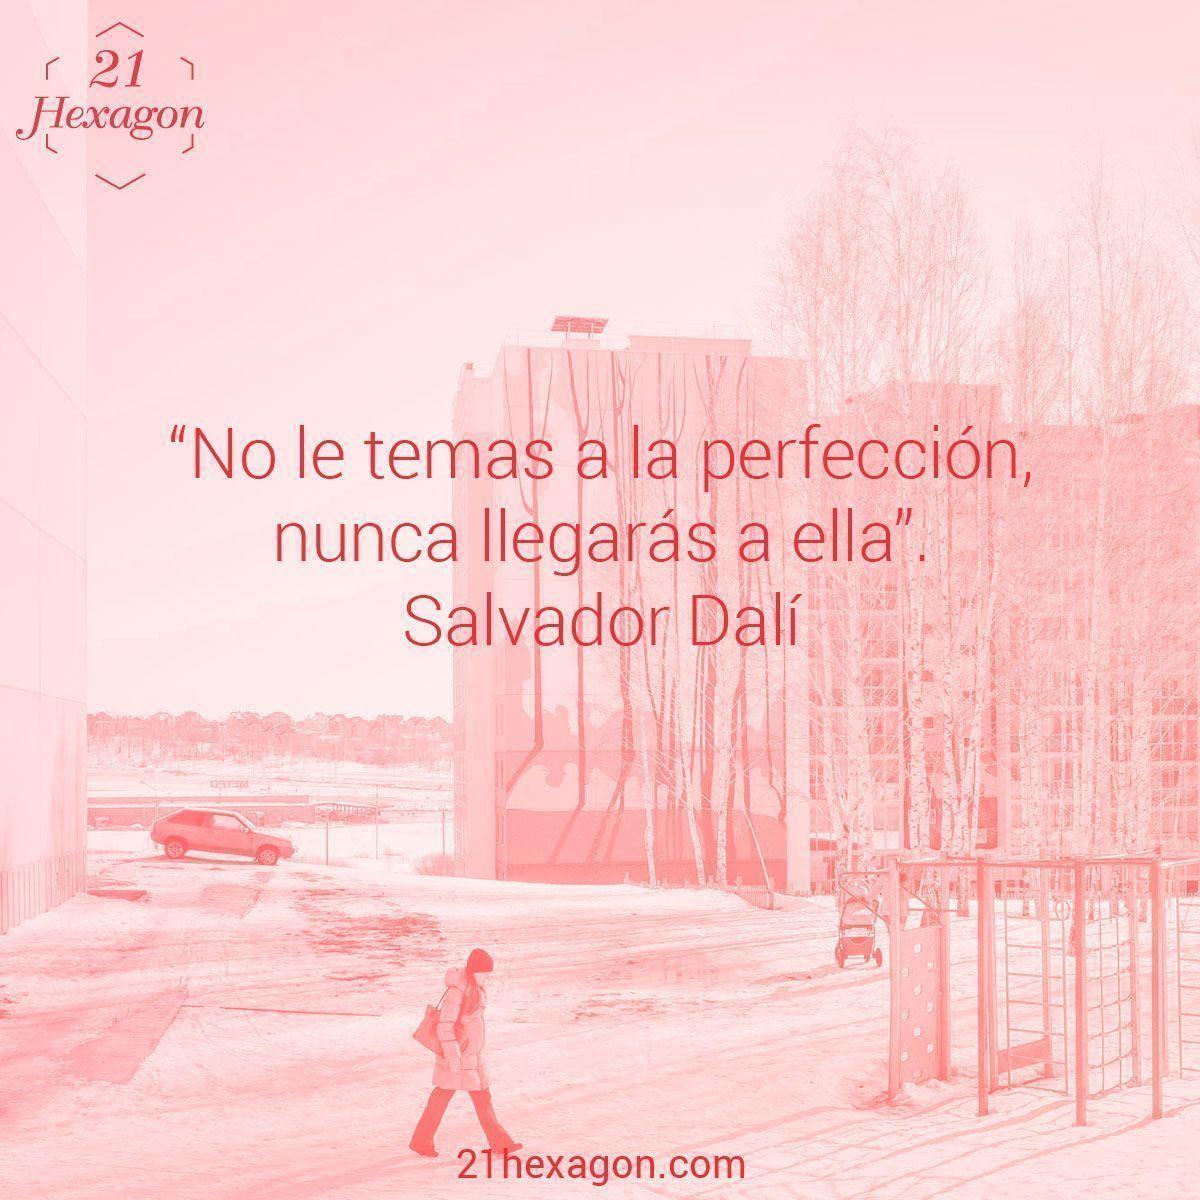 quotes_21hexagon_4.jpg